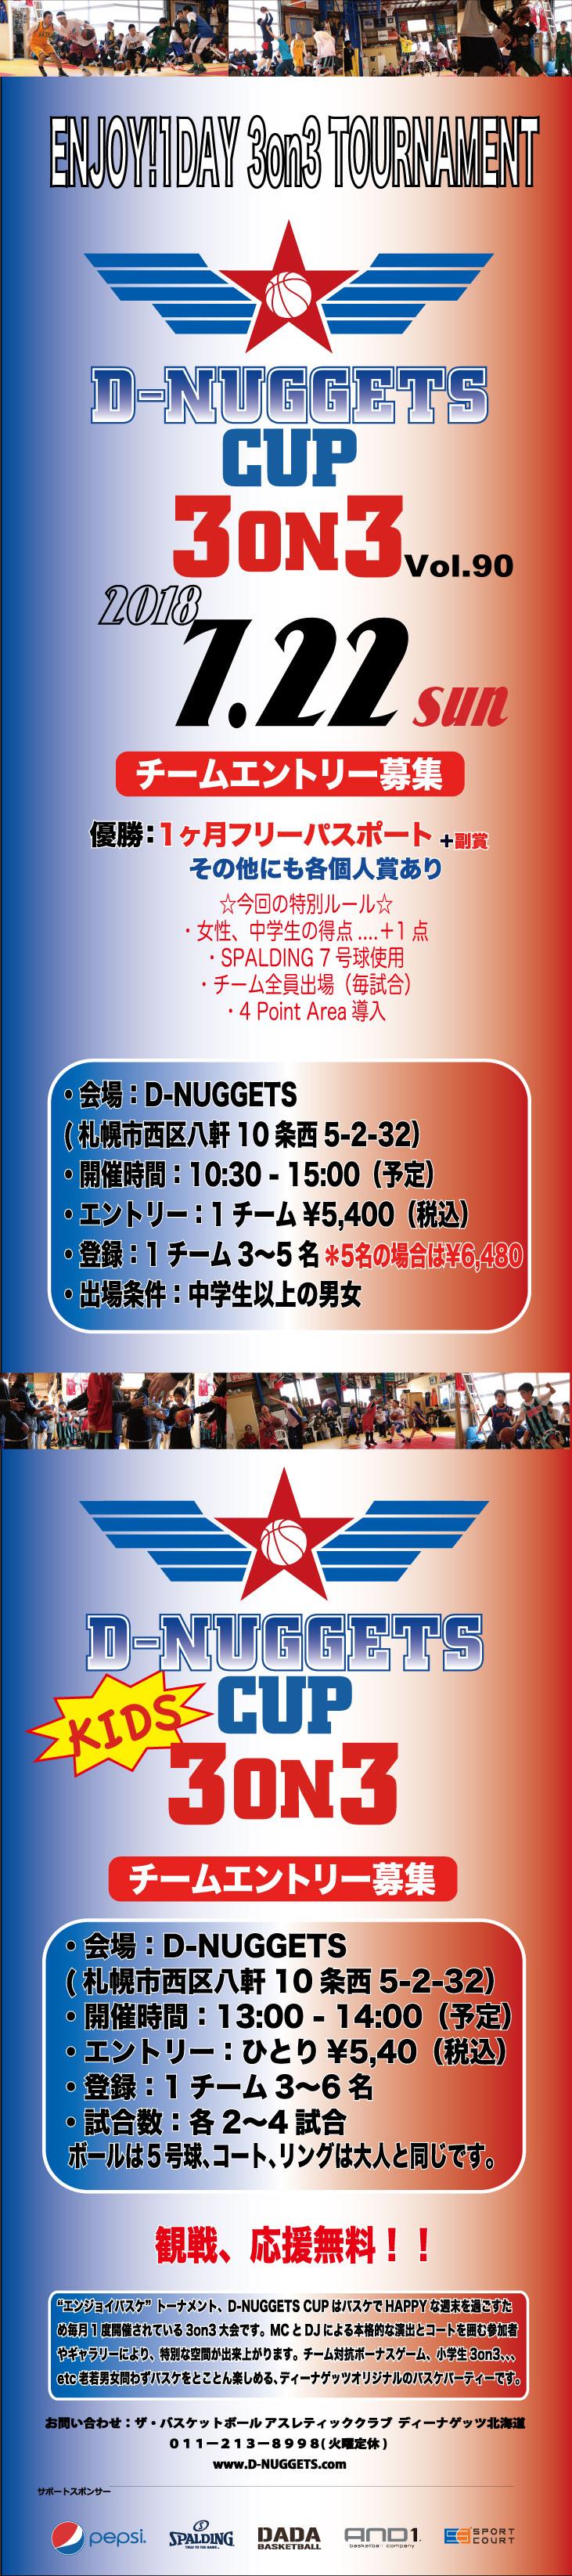 ディーナゲッツ北海道「7月の3on3大会告知」